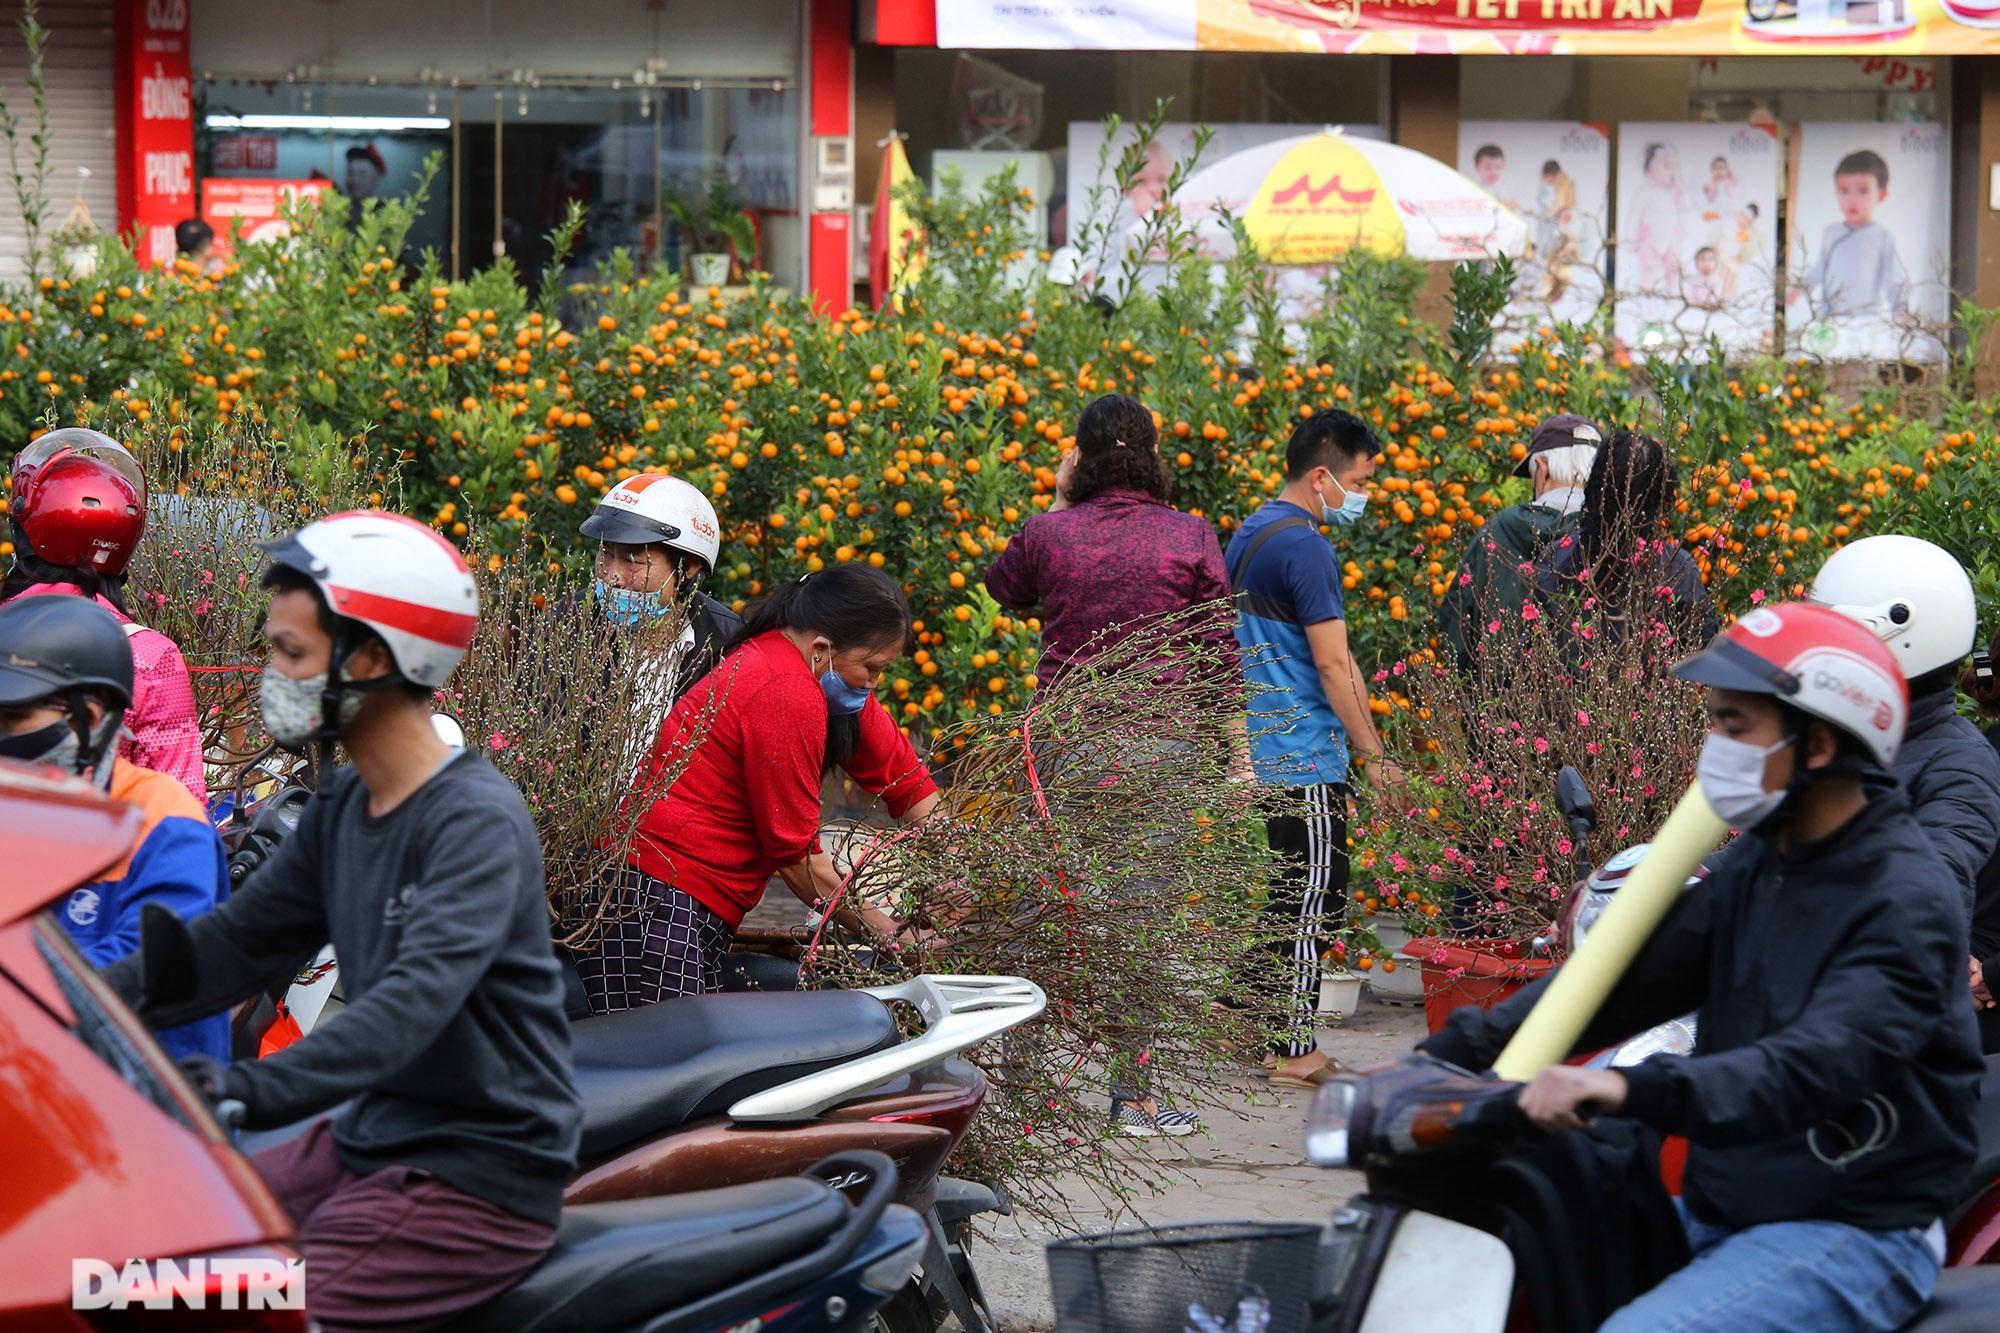 Chợ hoa bày bán trên đường phố Hà Nội đông khách bất chấp dịch Covid-19 - 7